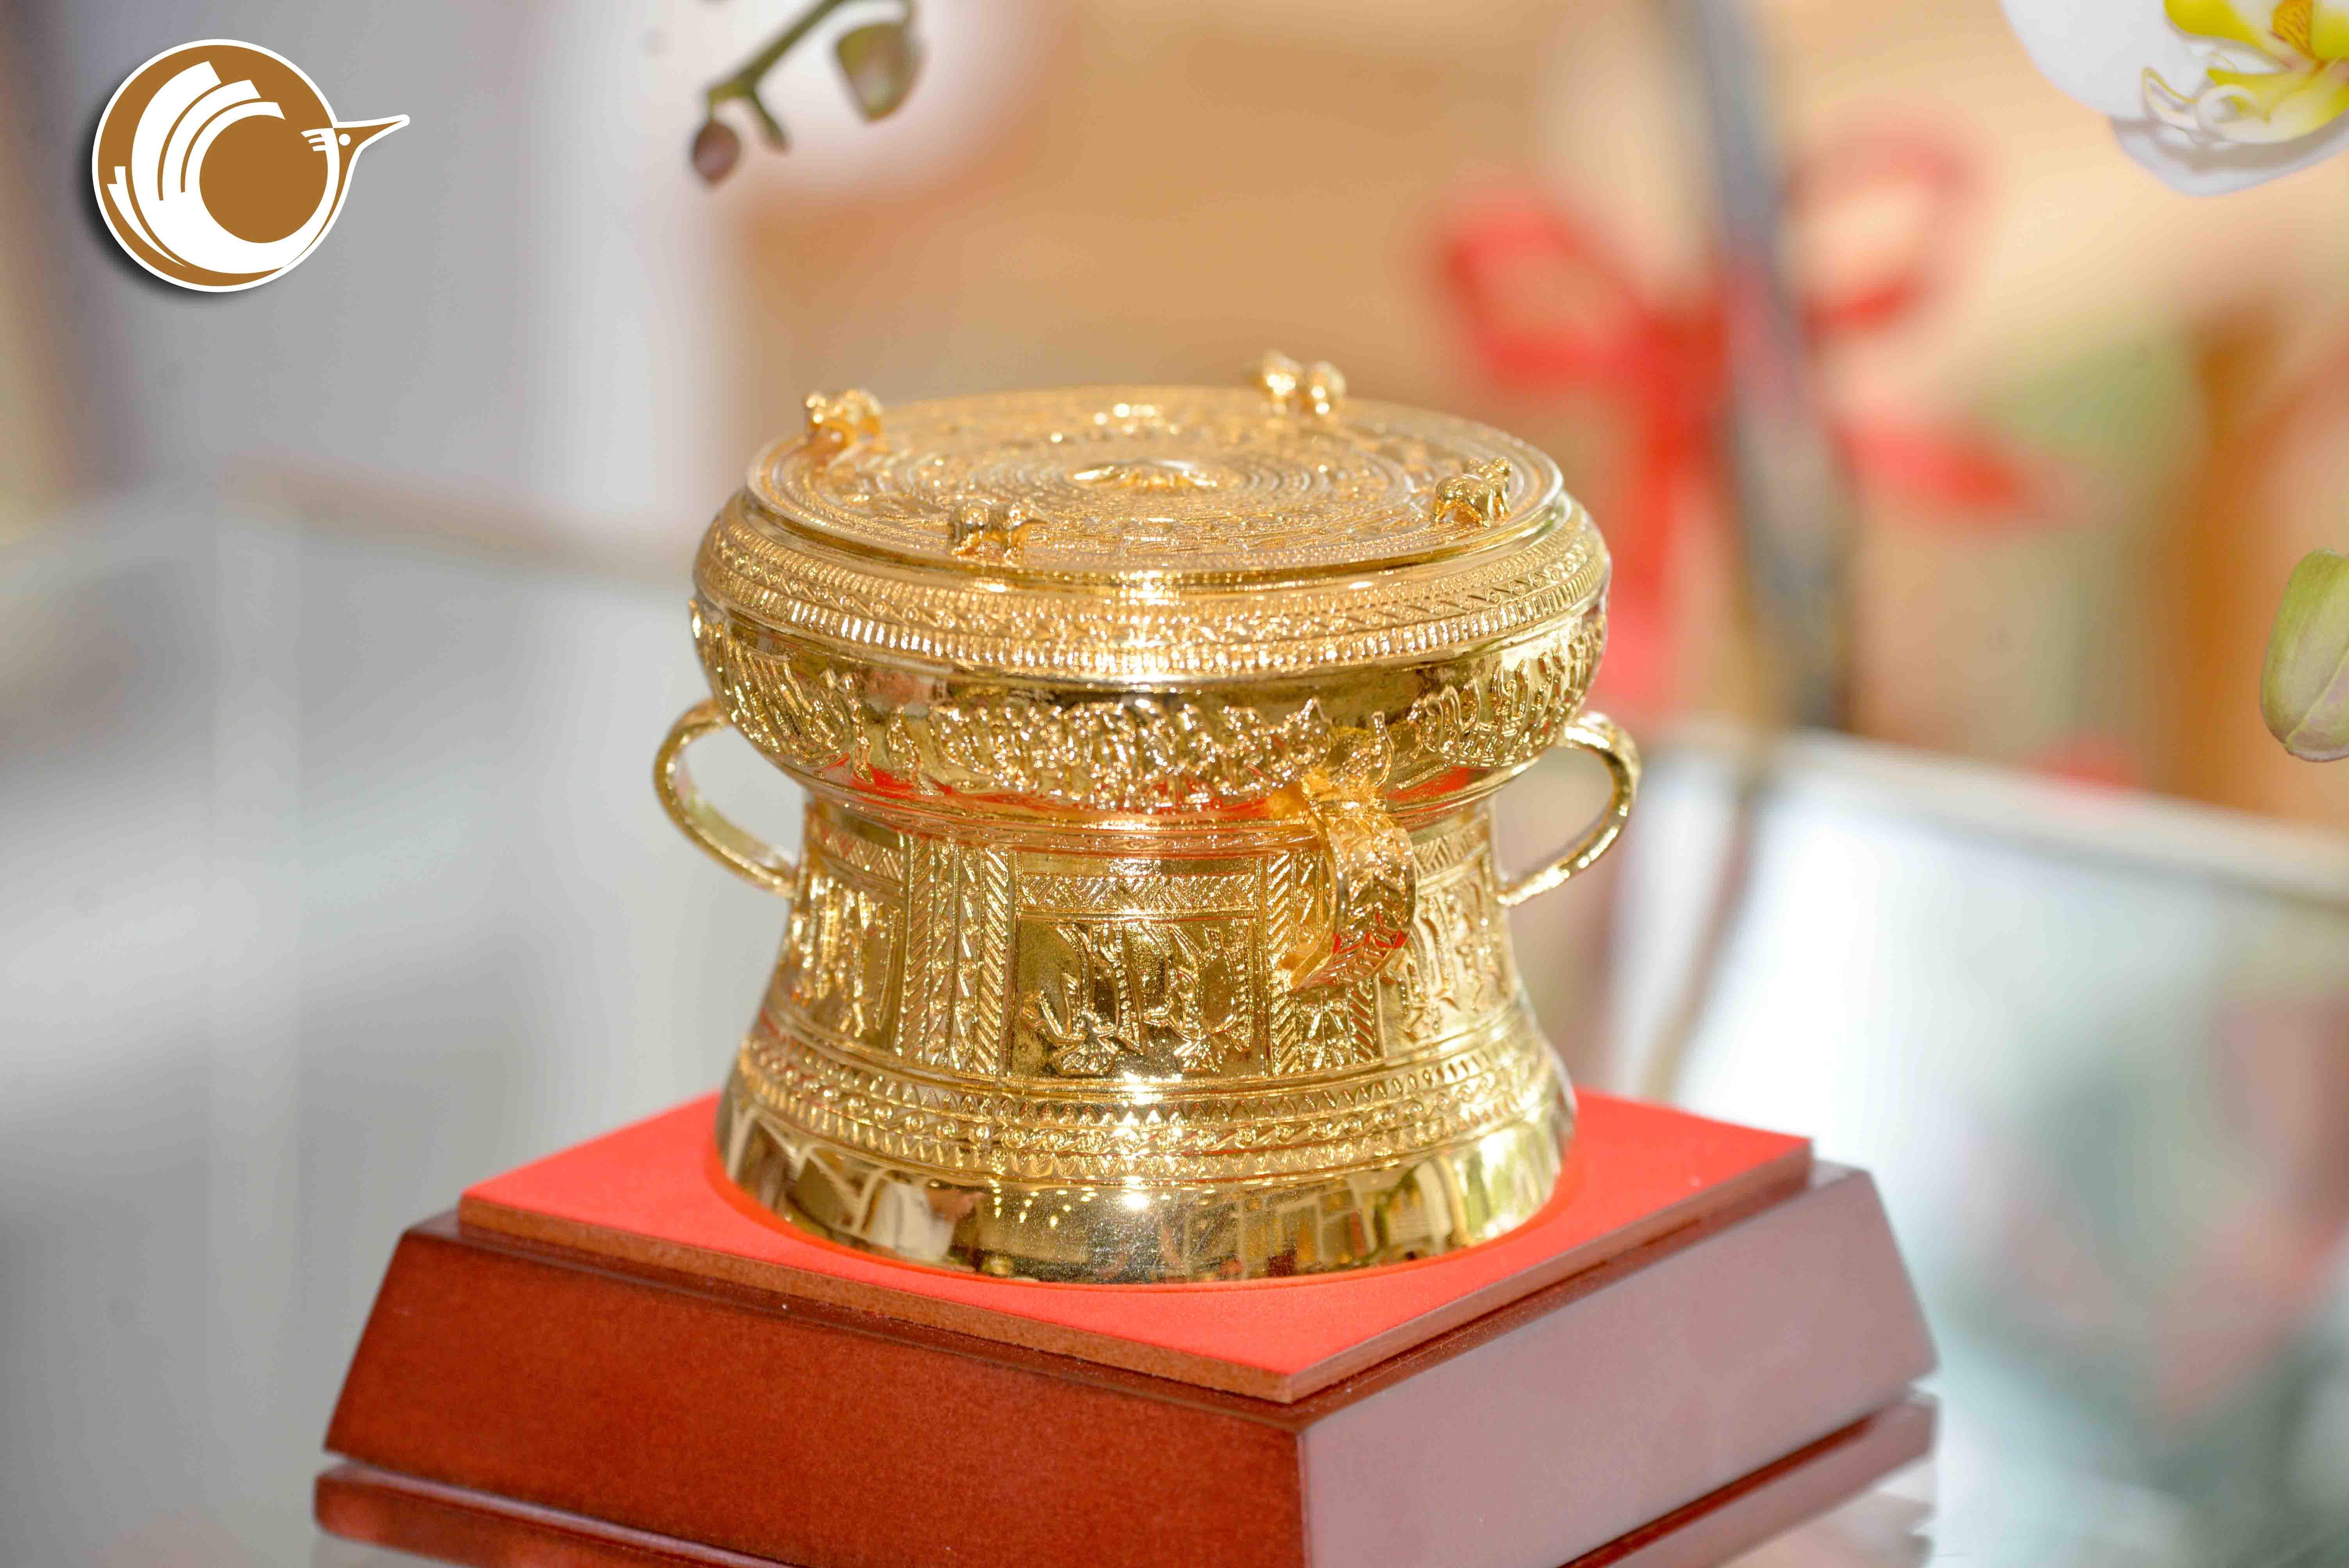 Giá bán trống đồng quà tặng mạ vàng dk 9cm, quà tặng doanh nghiệp0